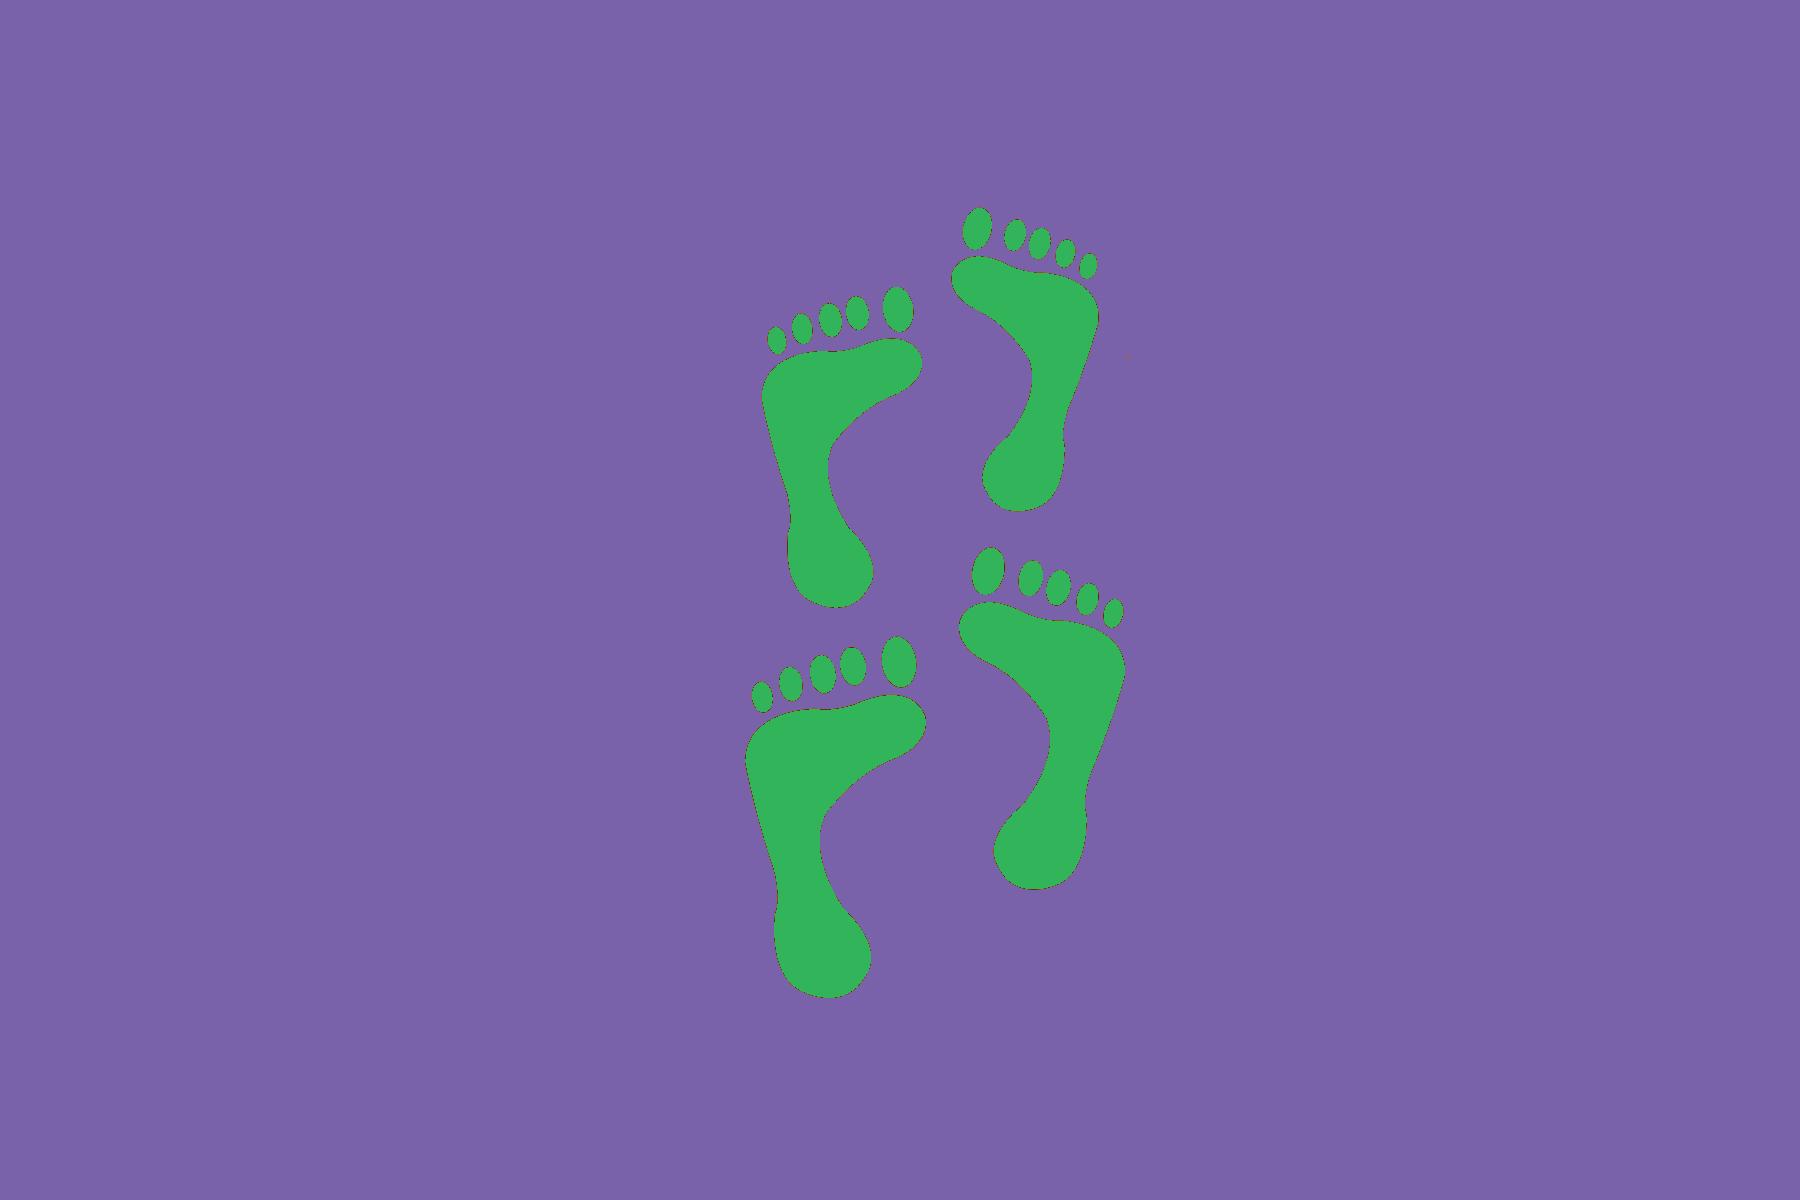 Digitaalisessa piirustuksessa on vihreät jalanjäljet violetilla taustalla.